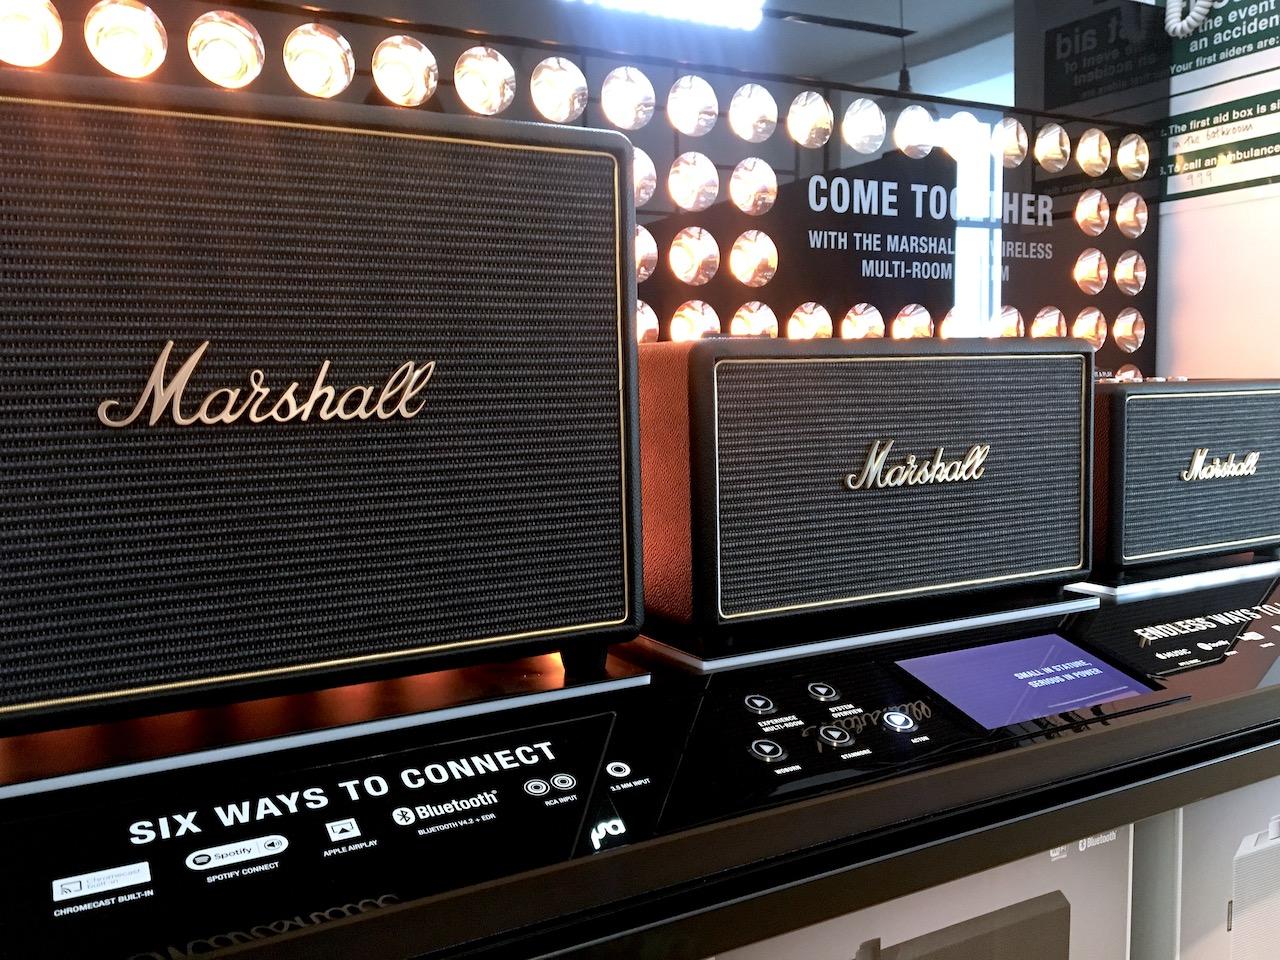 Outform-Marshall-Kiosk